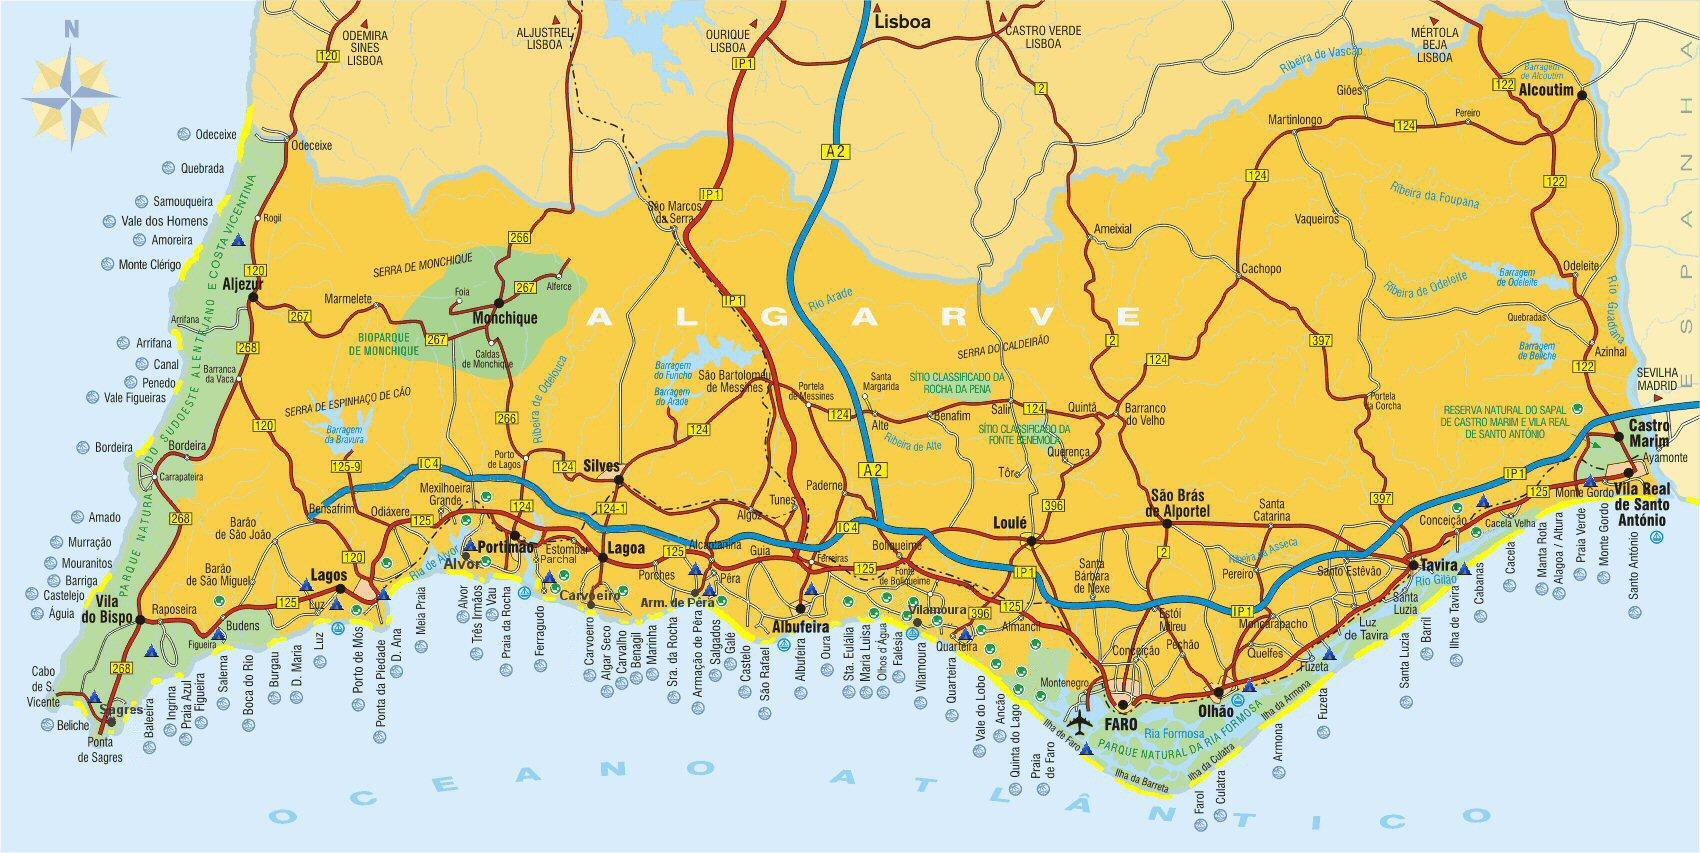 algarve karta Karta över Algarve | ALGARVE UPDATE algarve karta